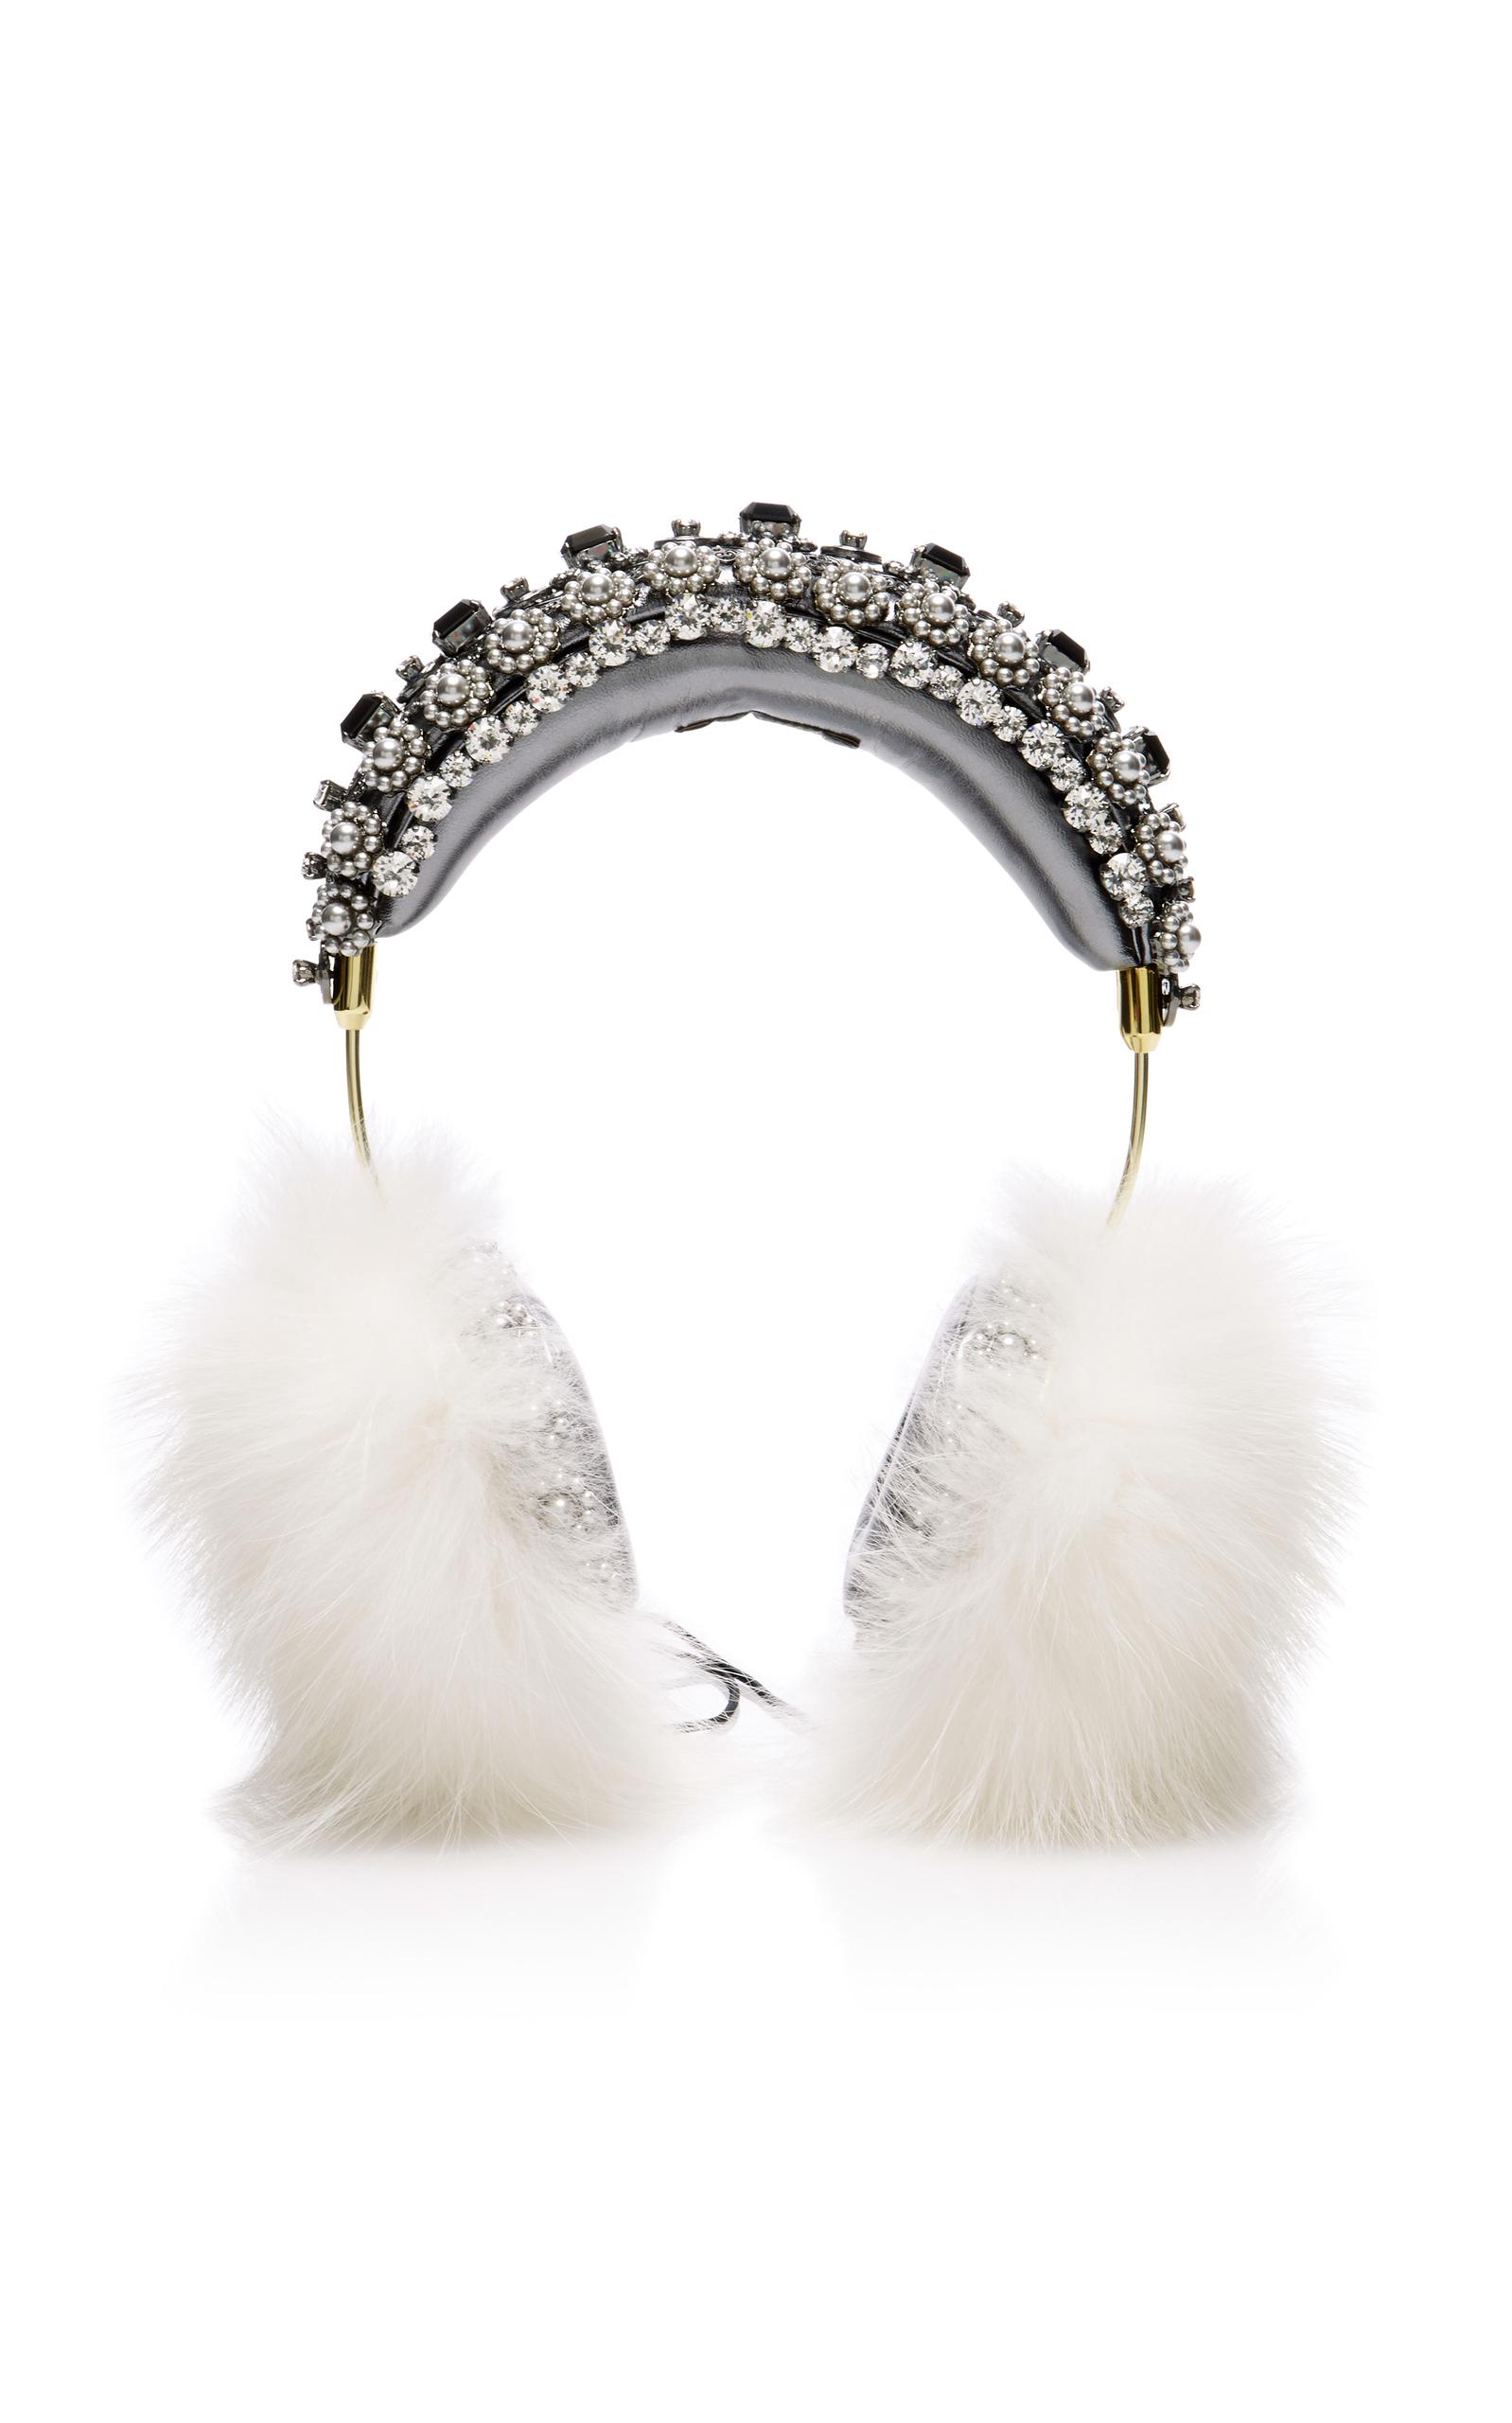 f5a660ec104e Dolce   Gabbana Embellished Headphones In Multi